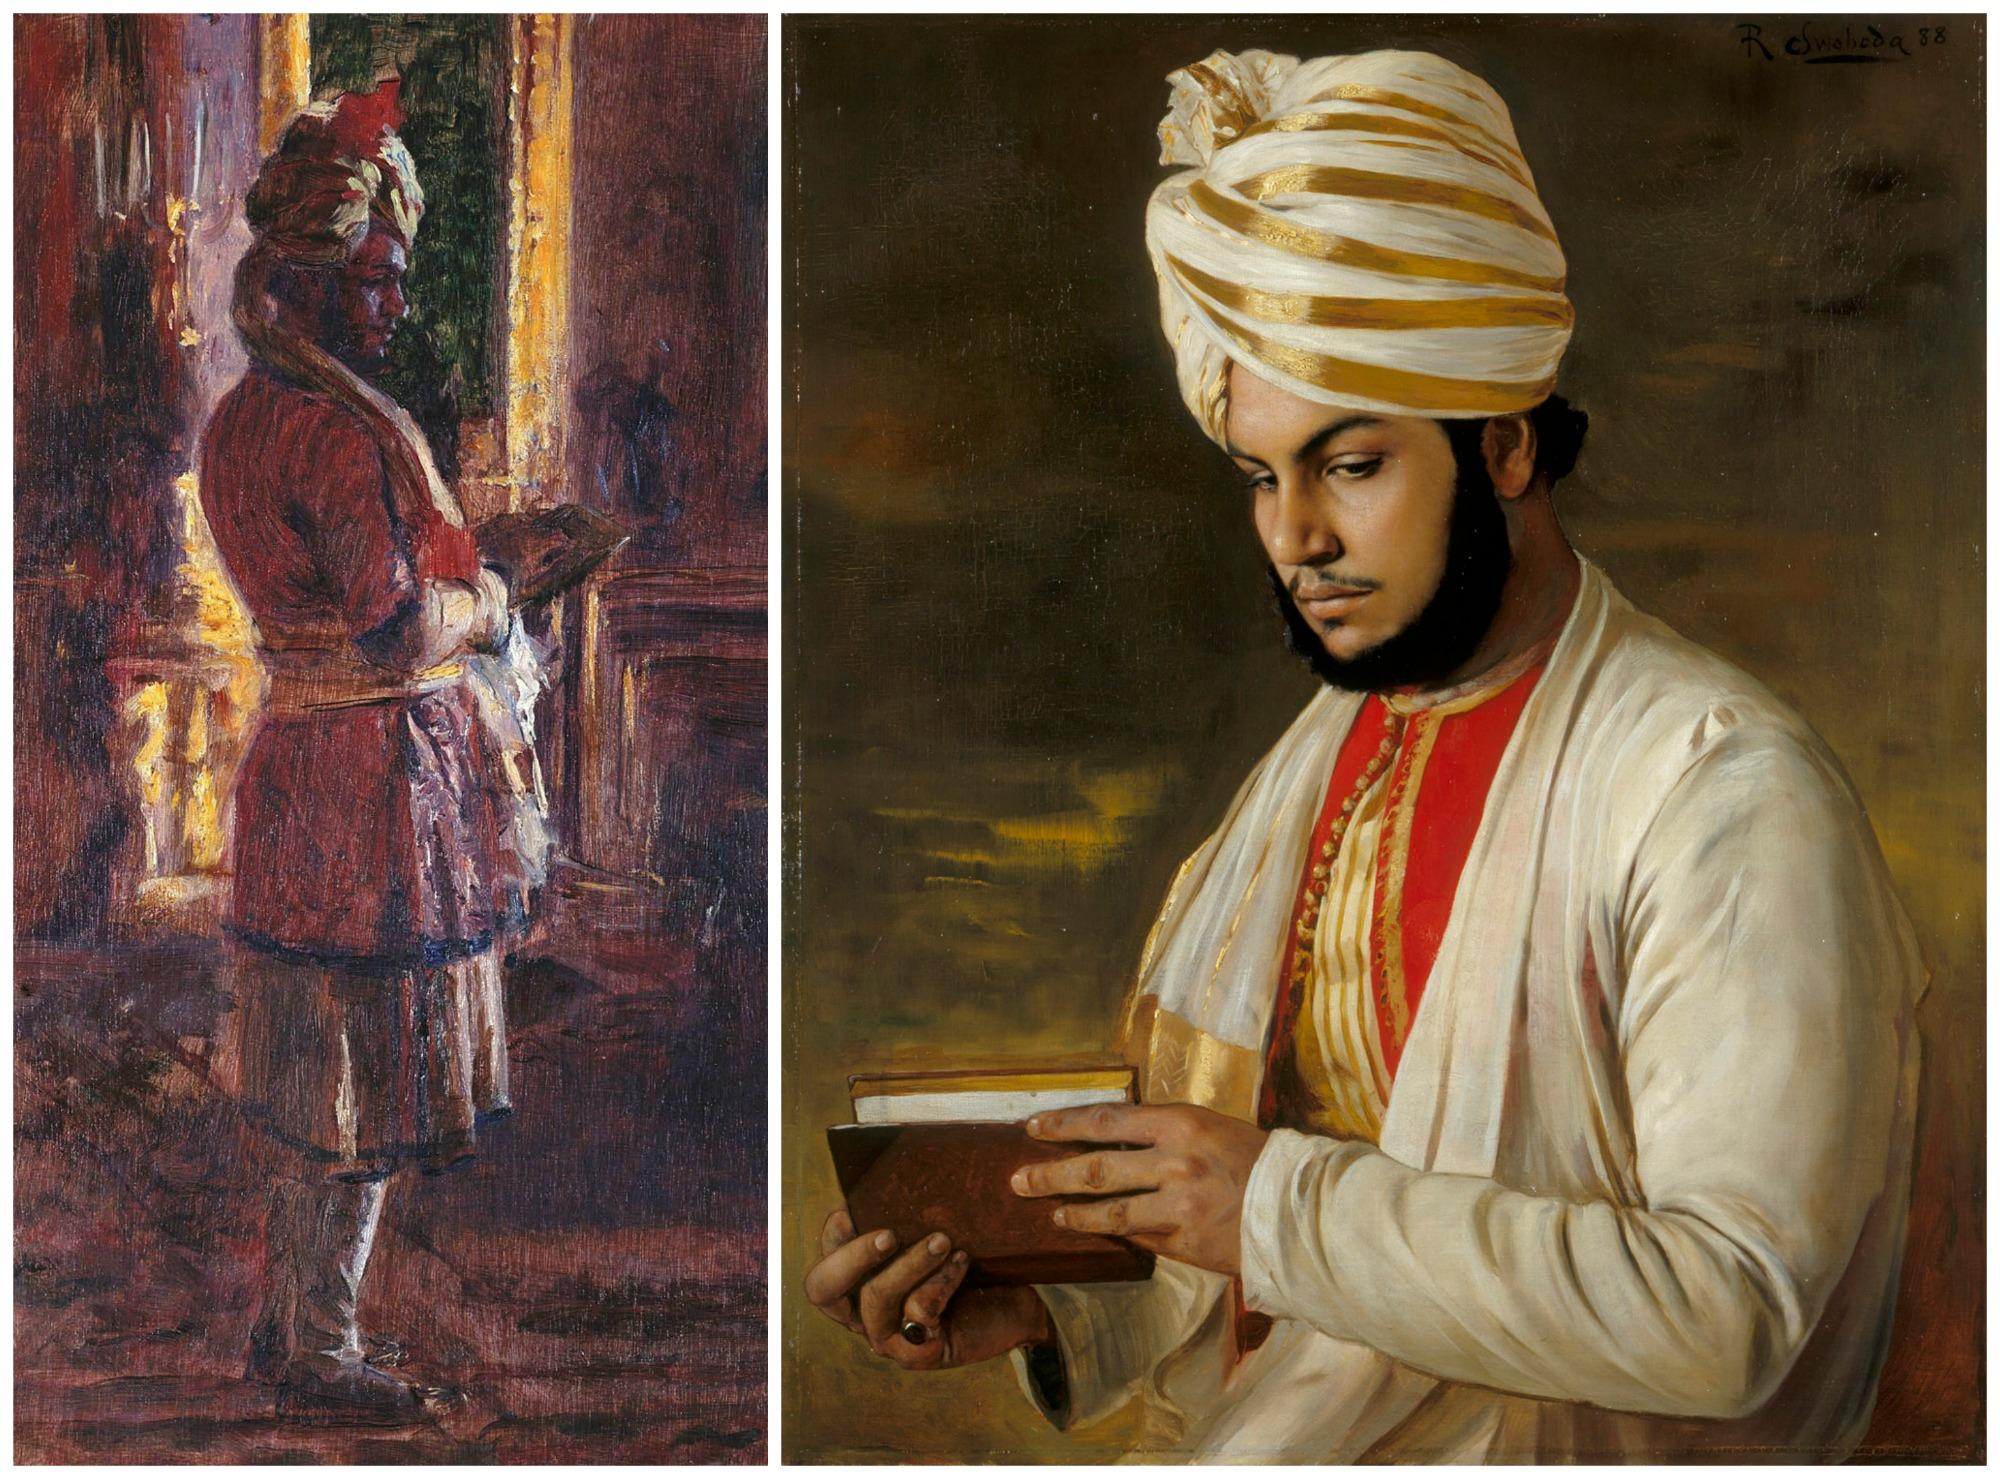 Z lewej Abdul Karim sportretowany na polecenie Victorii przez Lauritsa Tuxena w 1887 r. Z prawej portret namalowany przez Rudolfa Swobodę rok później (fot. Wikimedia.org / Domena publiczna)